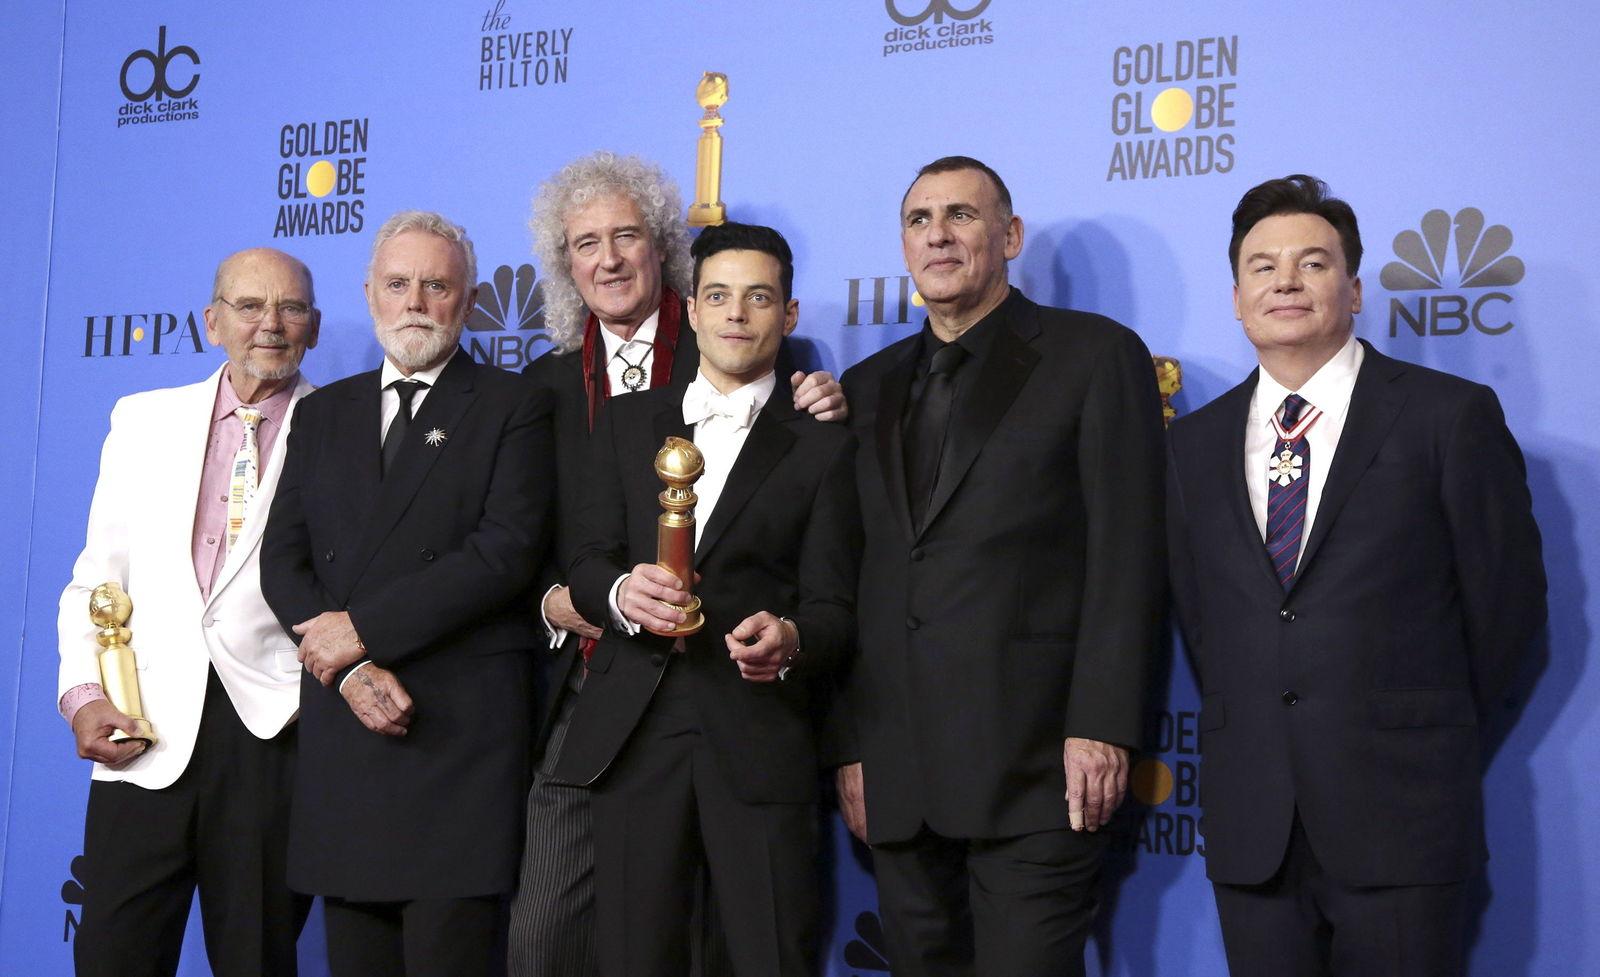 Bohemian Rhapsody sorprendió a propios y extraños alzándose con la estatuilla a la Mejor Película de drama.